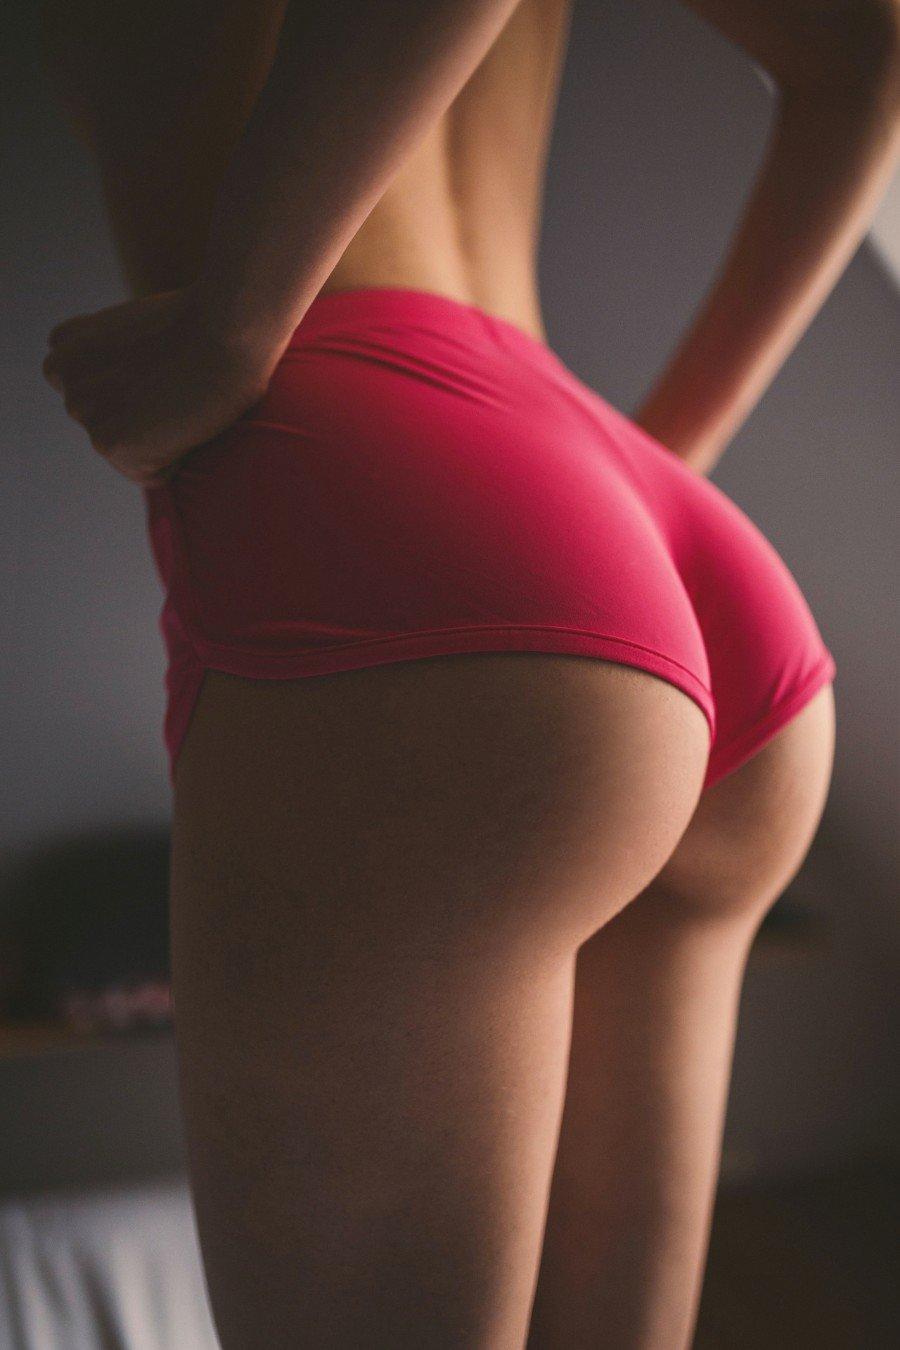 ире фото женских поп вконтакте красивые загорелые ноги